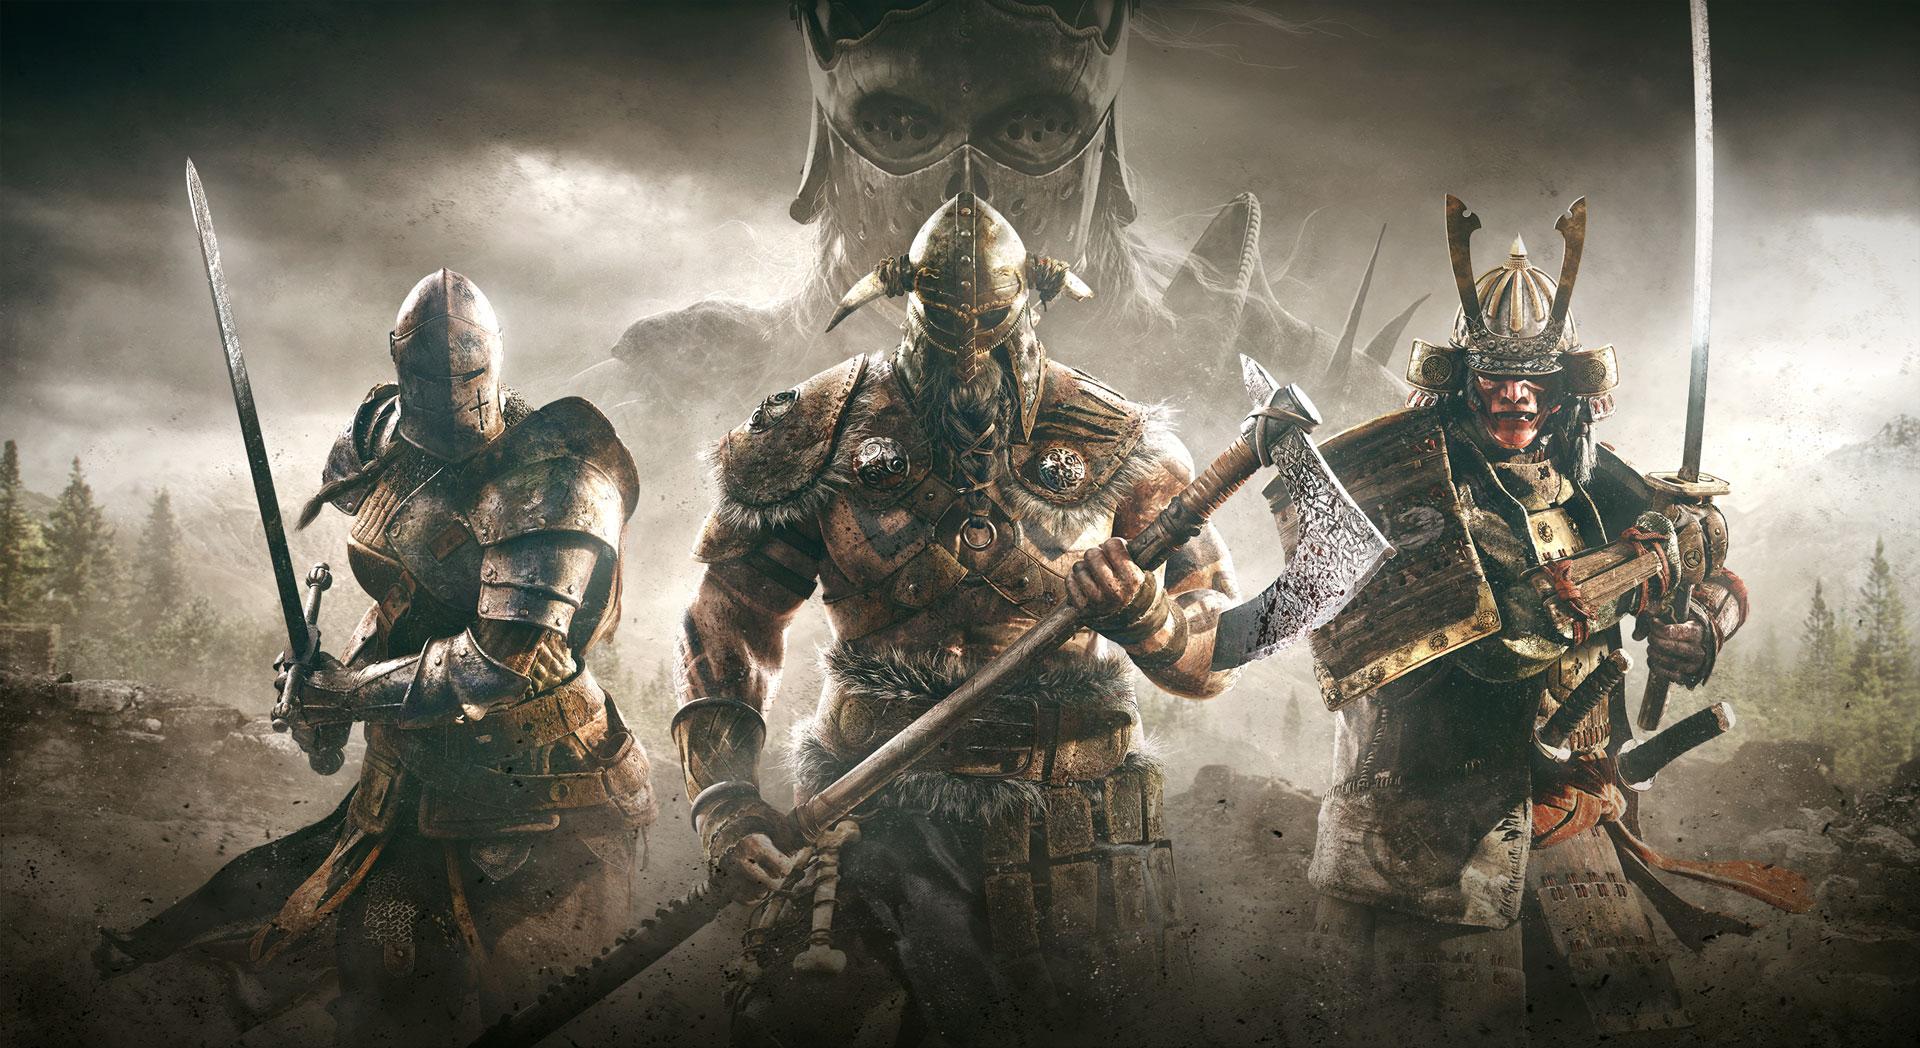 La beta cerrada de For Honor tiene fecha: del 26 al 29 de enero